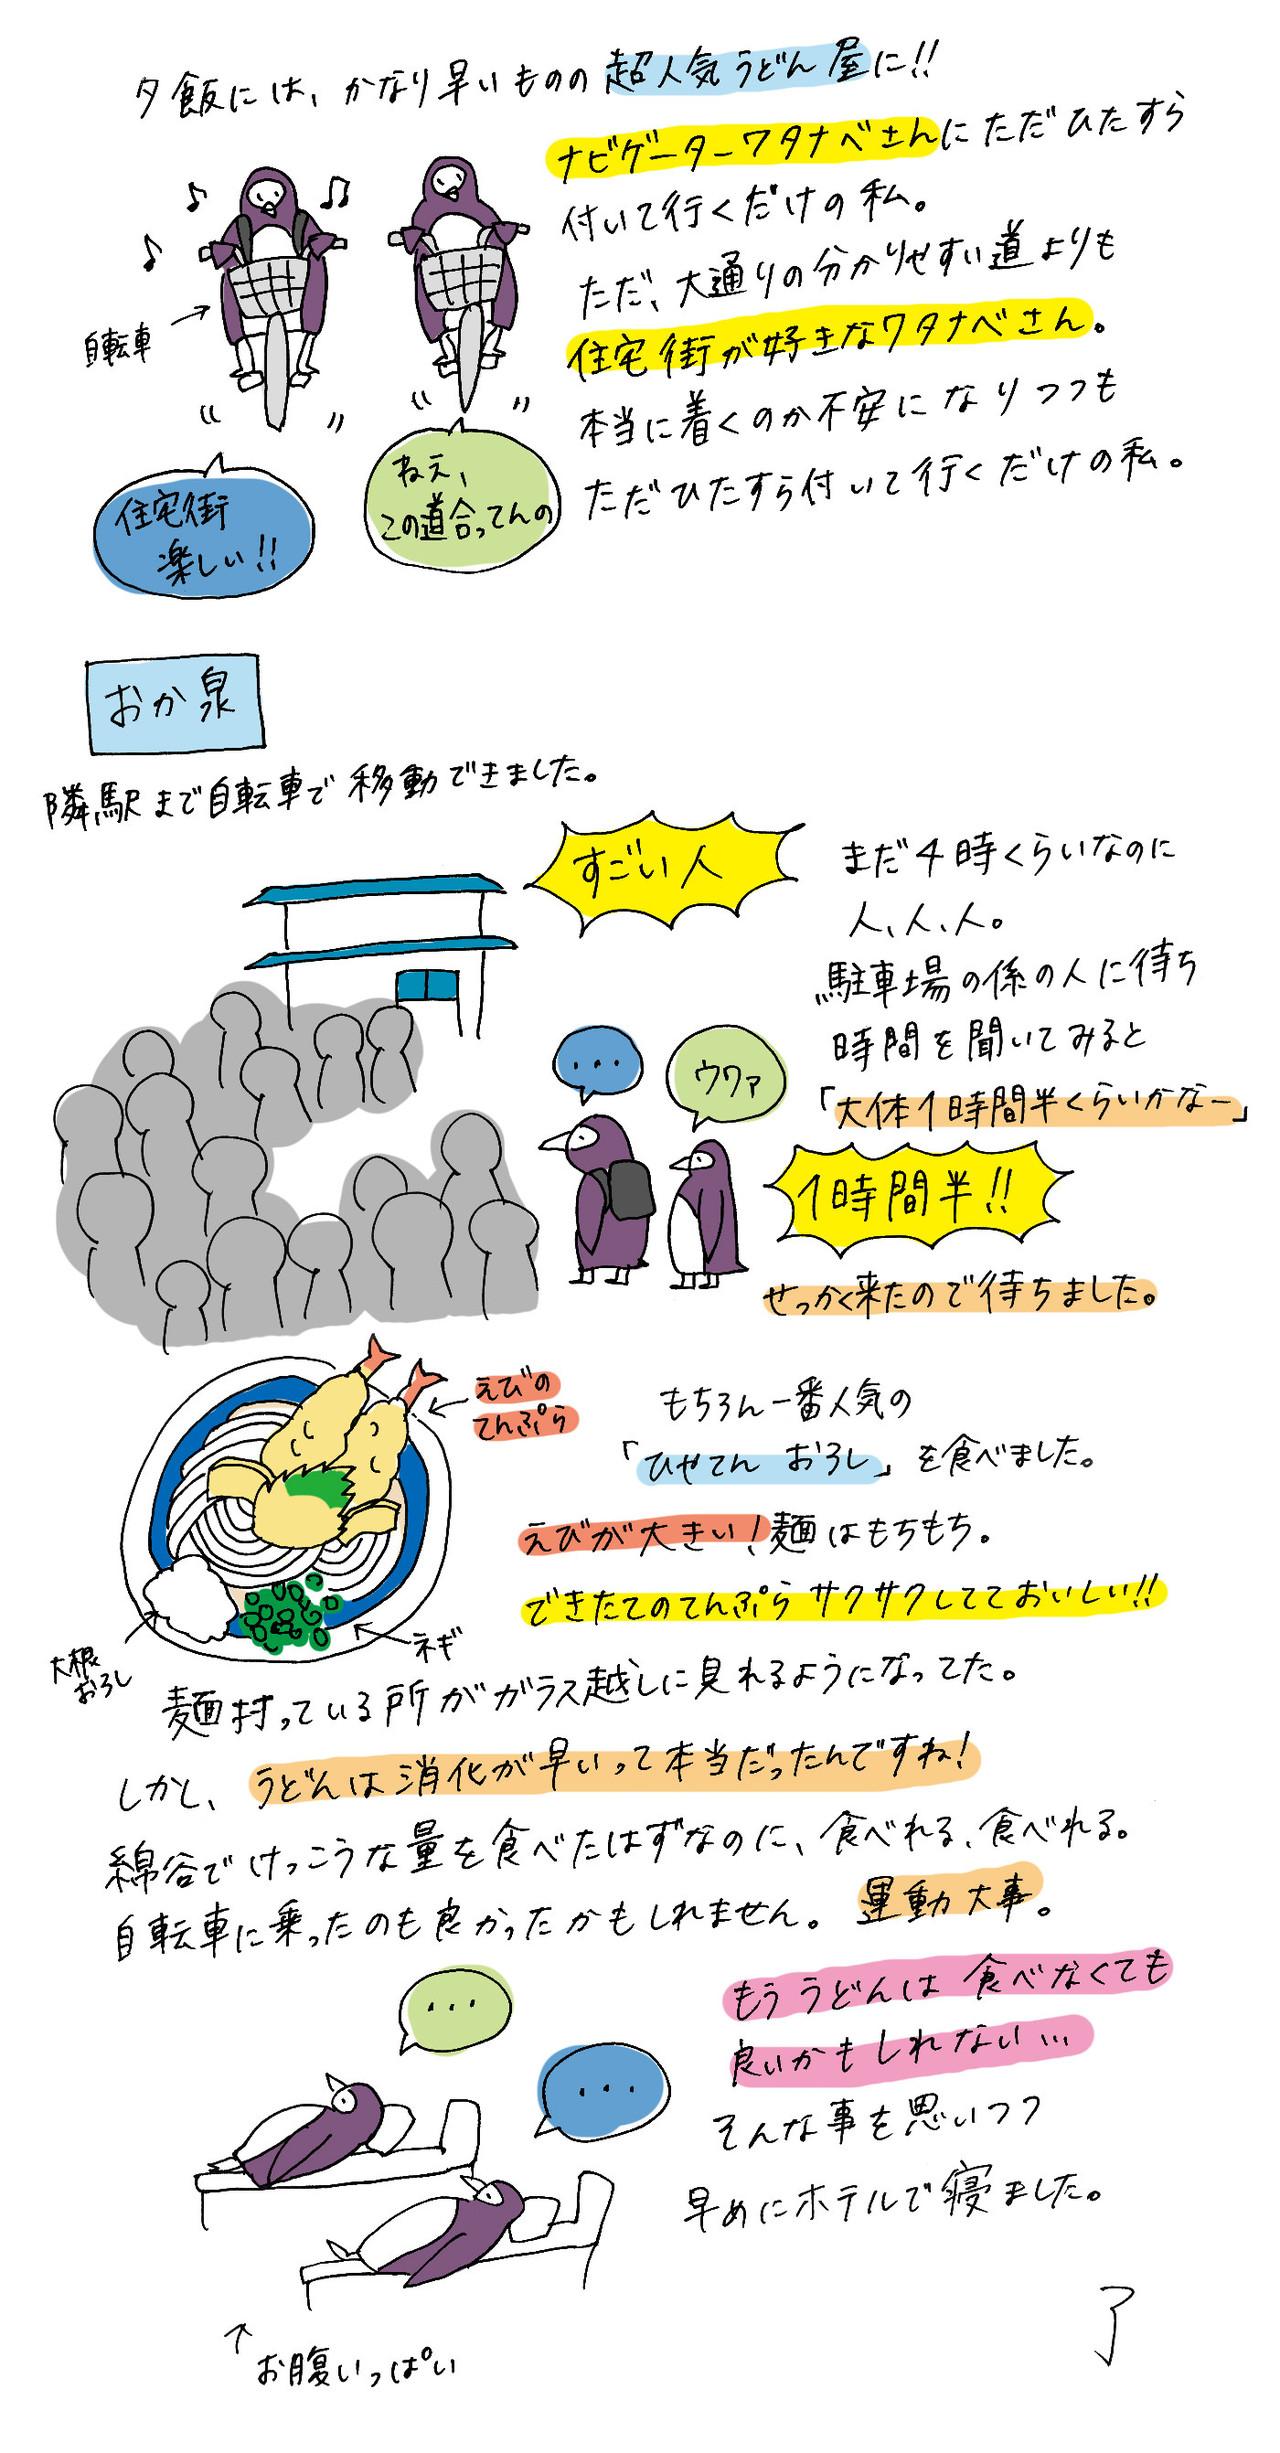 f:id:hikikoma:20160621011044j:plain